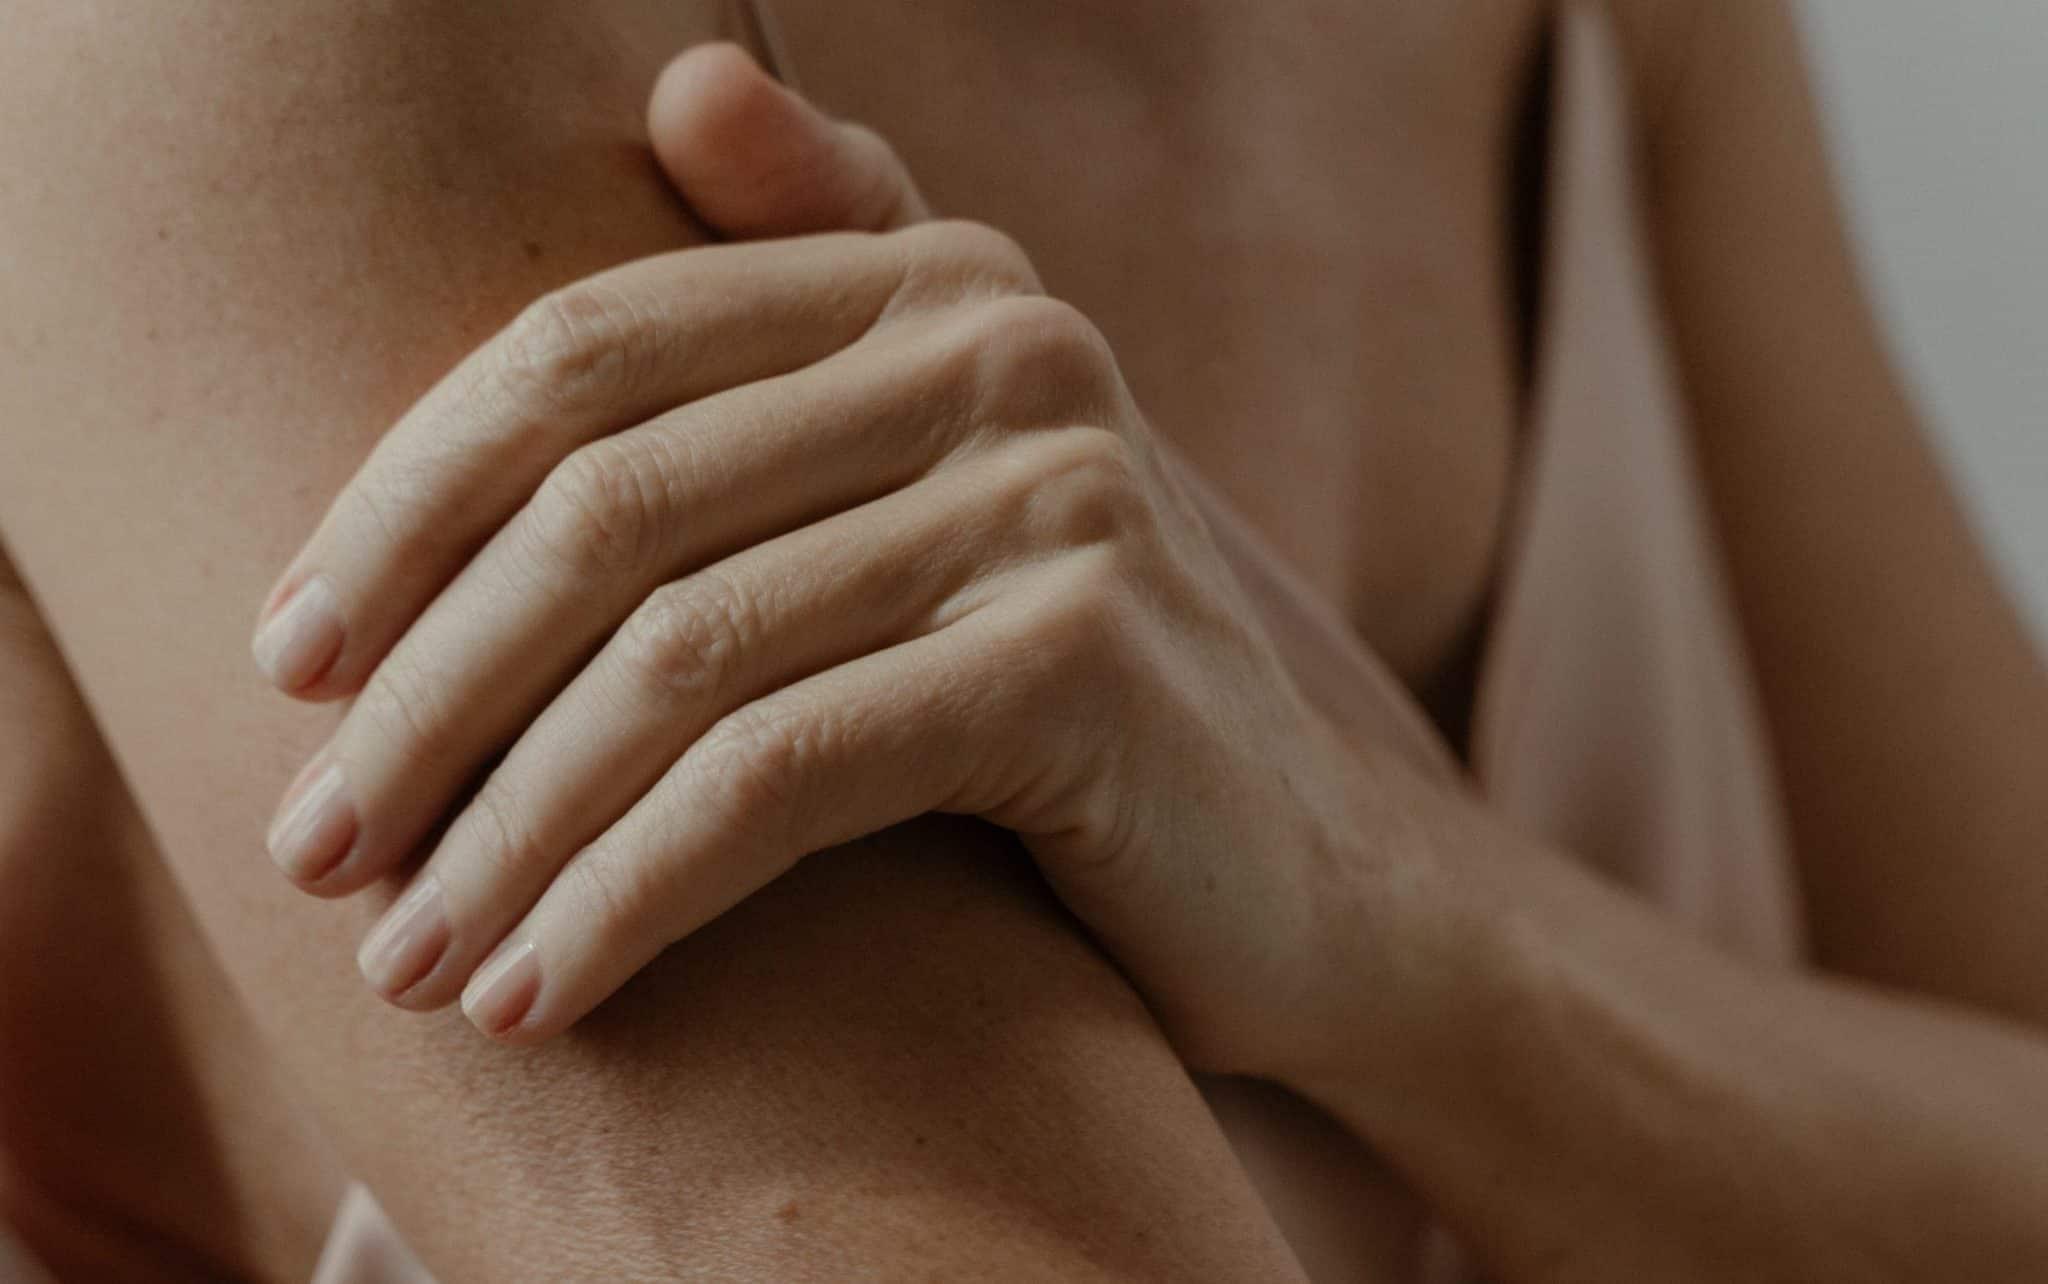 Uma mulher colocando sua mão esquerda sobre seu braço direito. Sua pele tem um aspecto envelhecido.